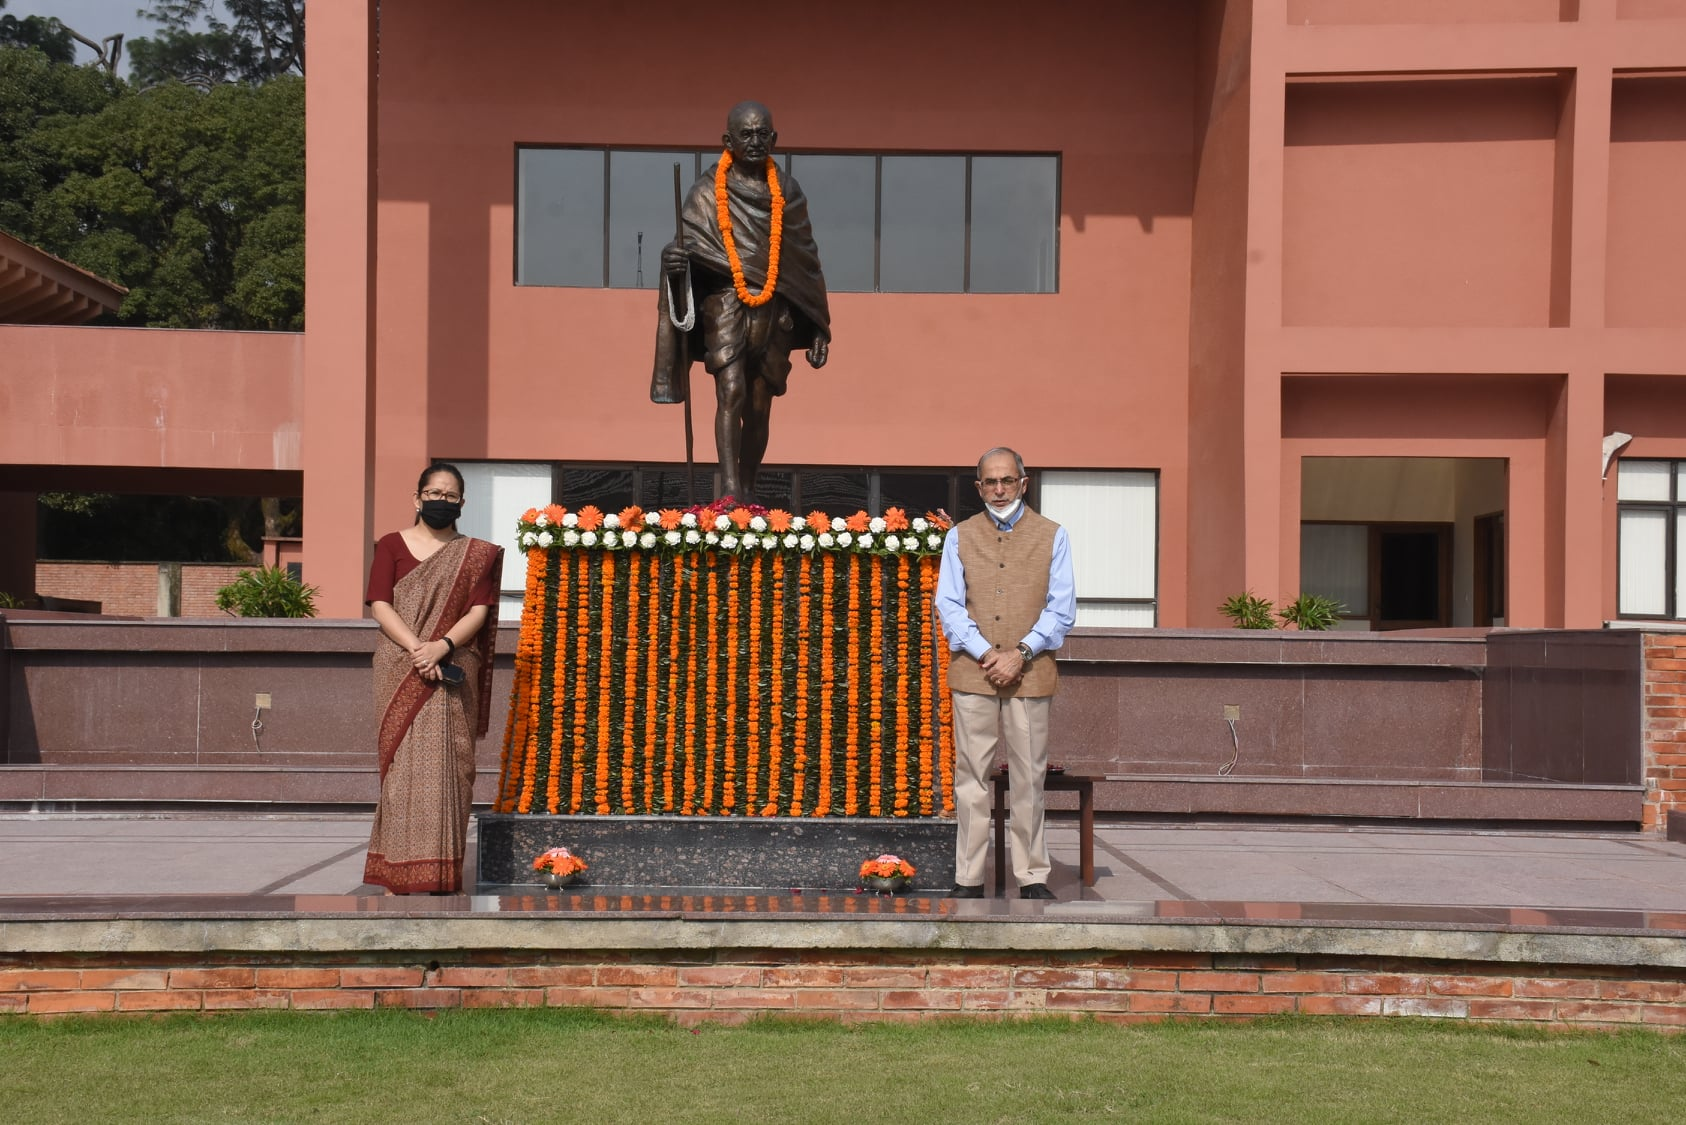 महात्मा गान्धीको जन्मजयन्तिका अवसरमा भारतद्वारा एम्वुलेन्स र बस हस्तान्तरण